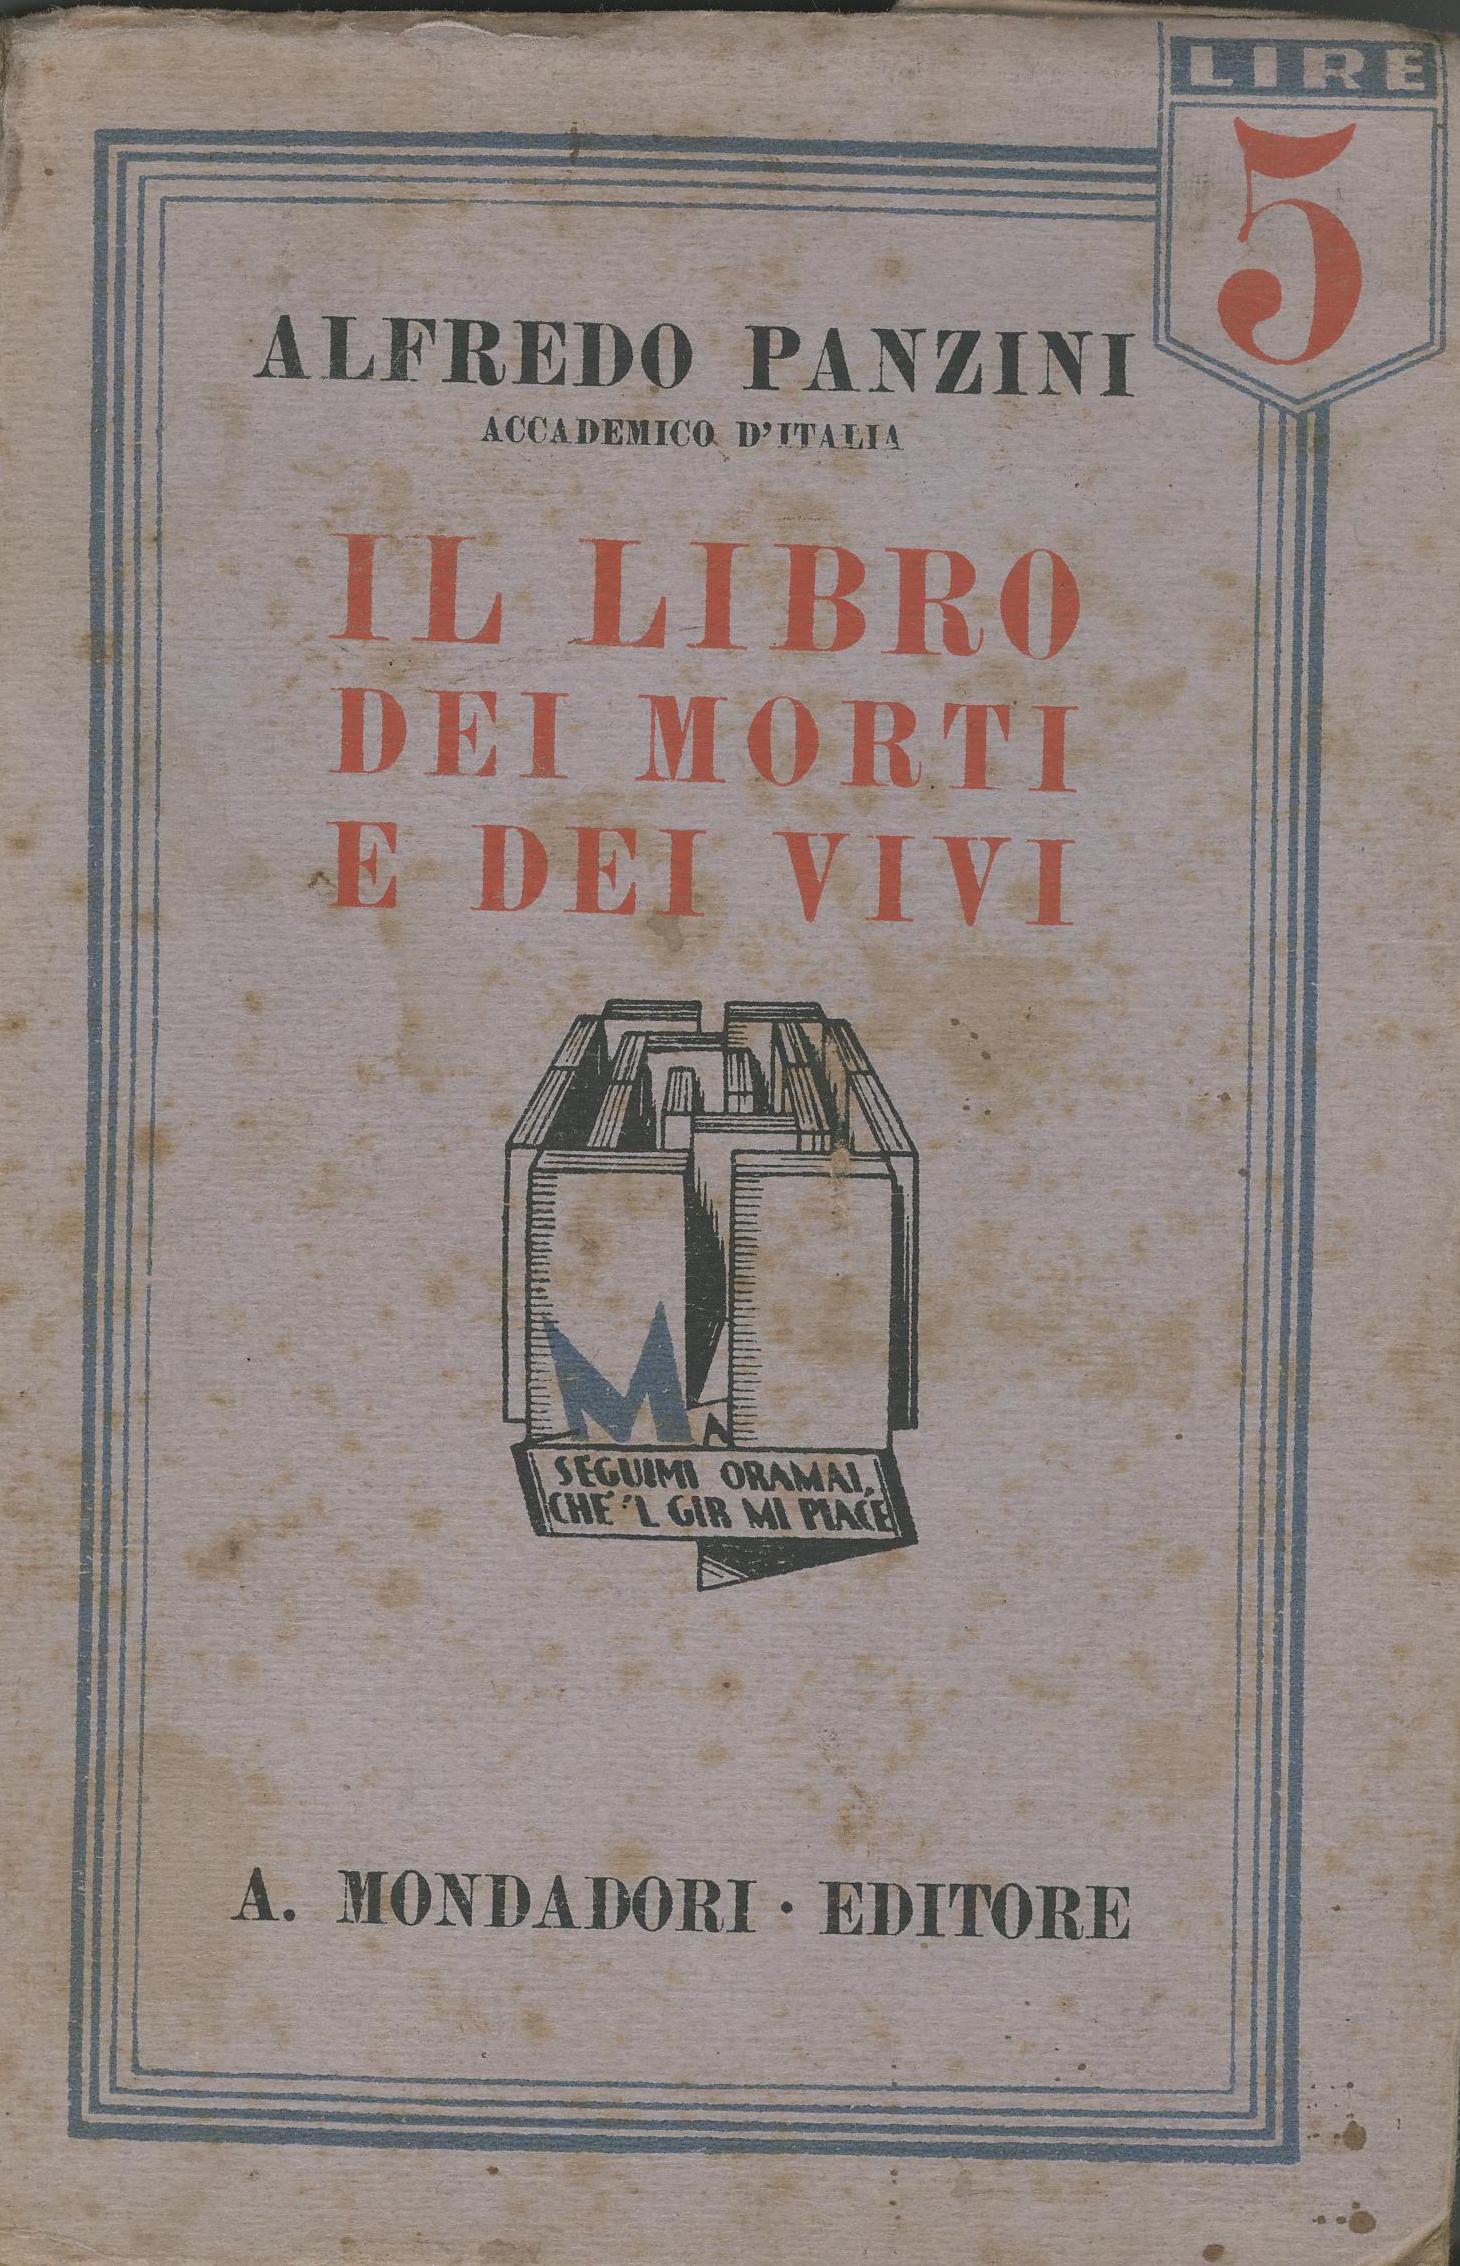 Il libro dei morti e dei vivi